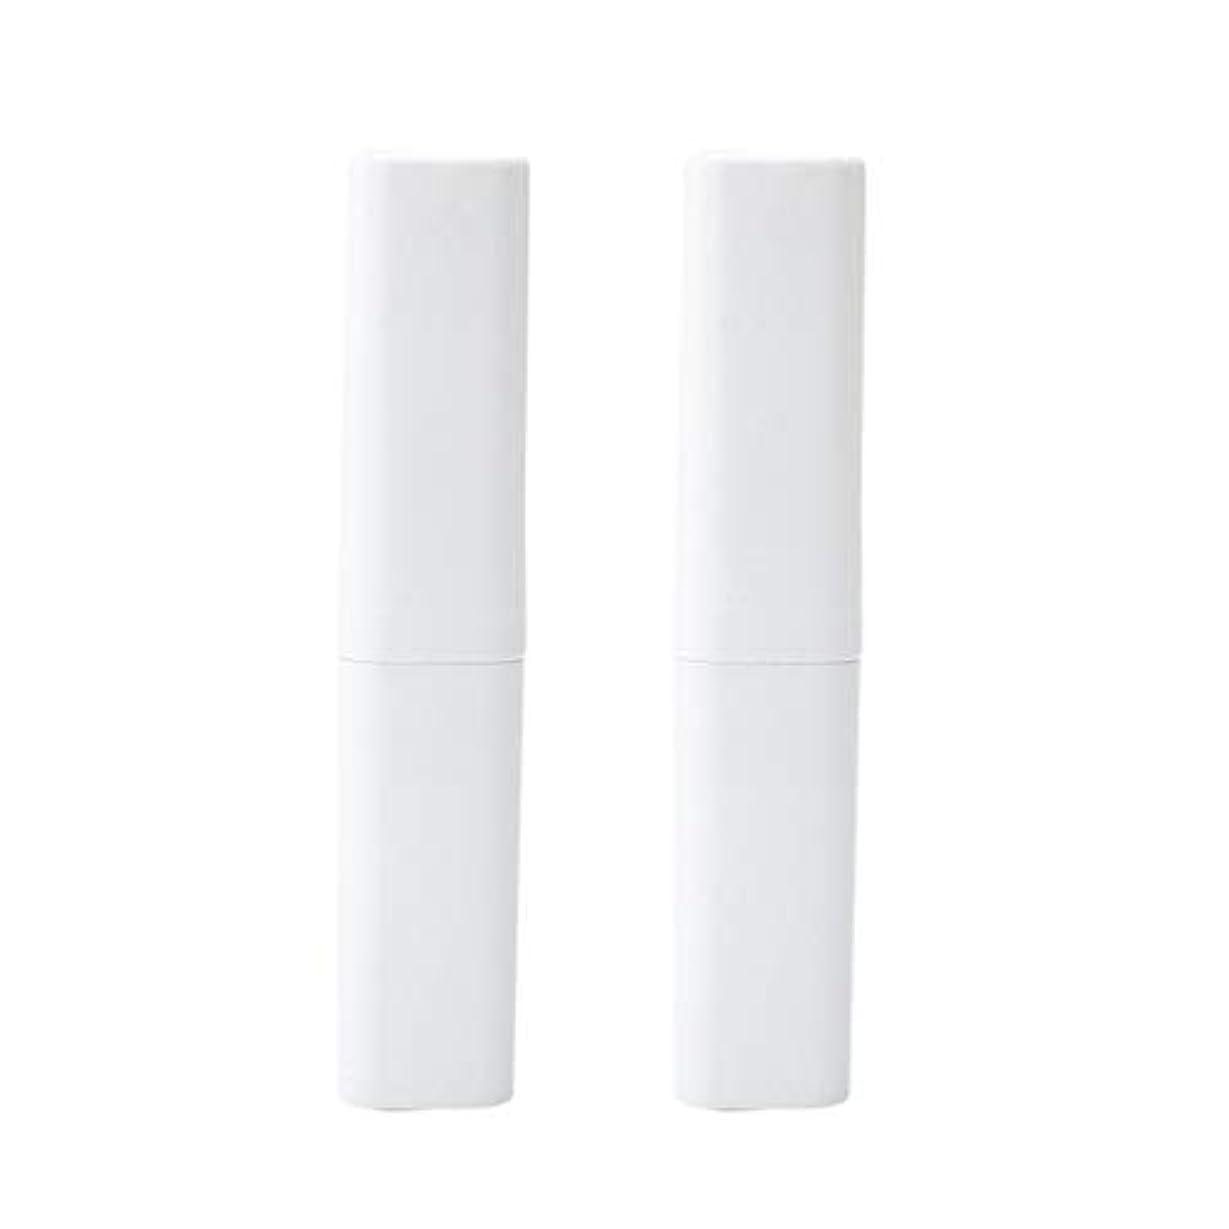 若さたらい役立つHealifty 旅行の歯ブラシケース屋外2ピース(白)のポータブル歯ブラシボックス